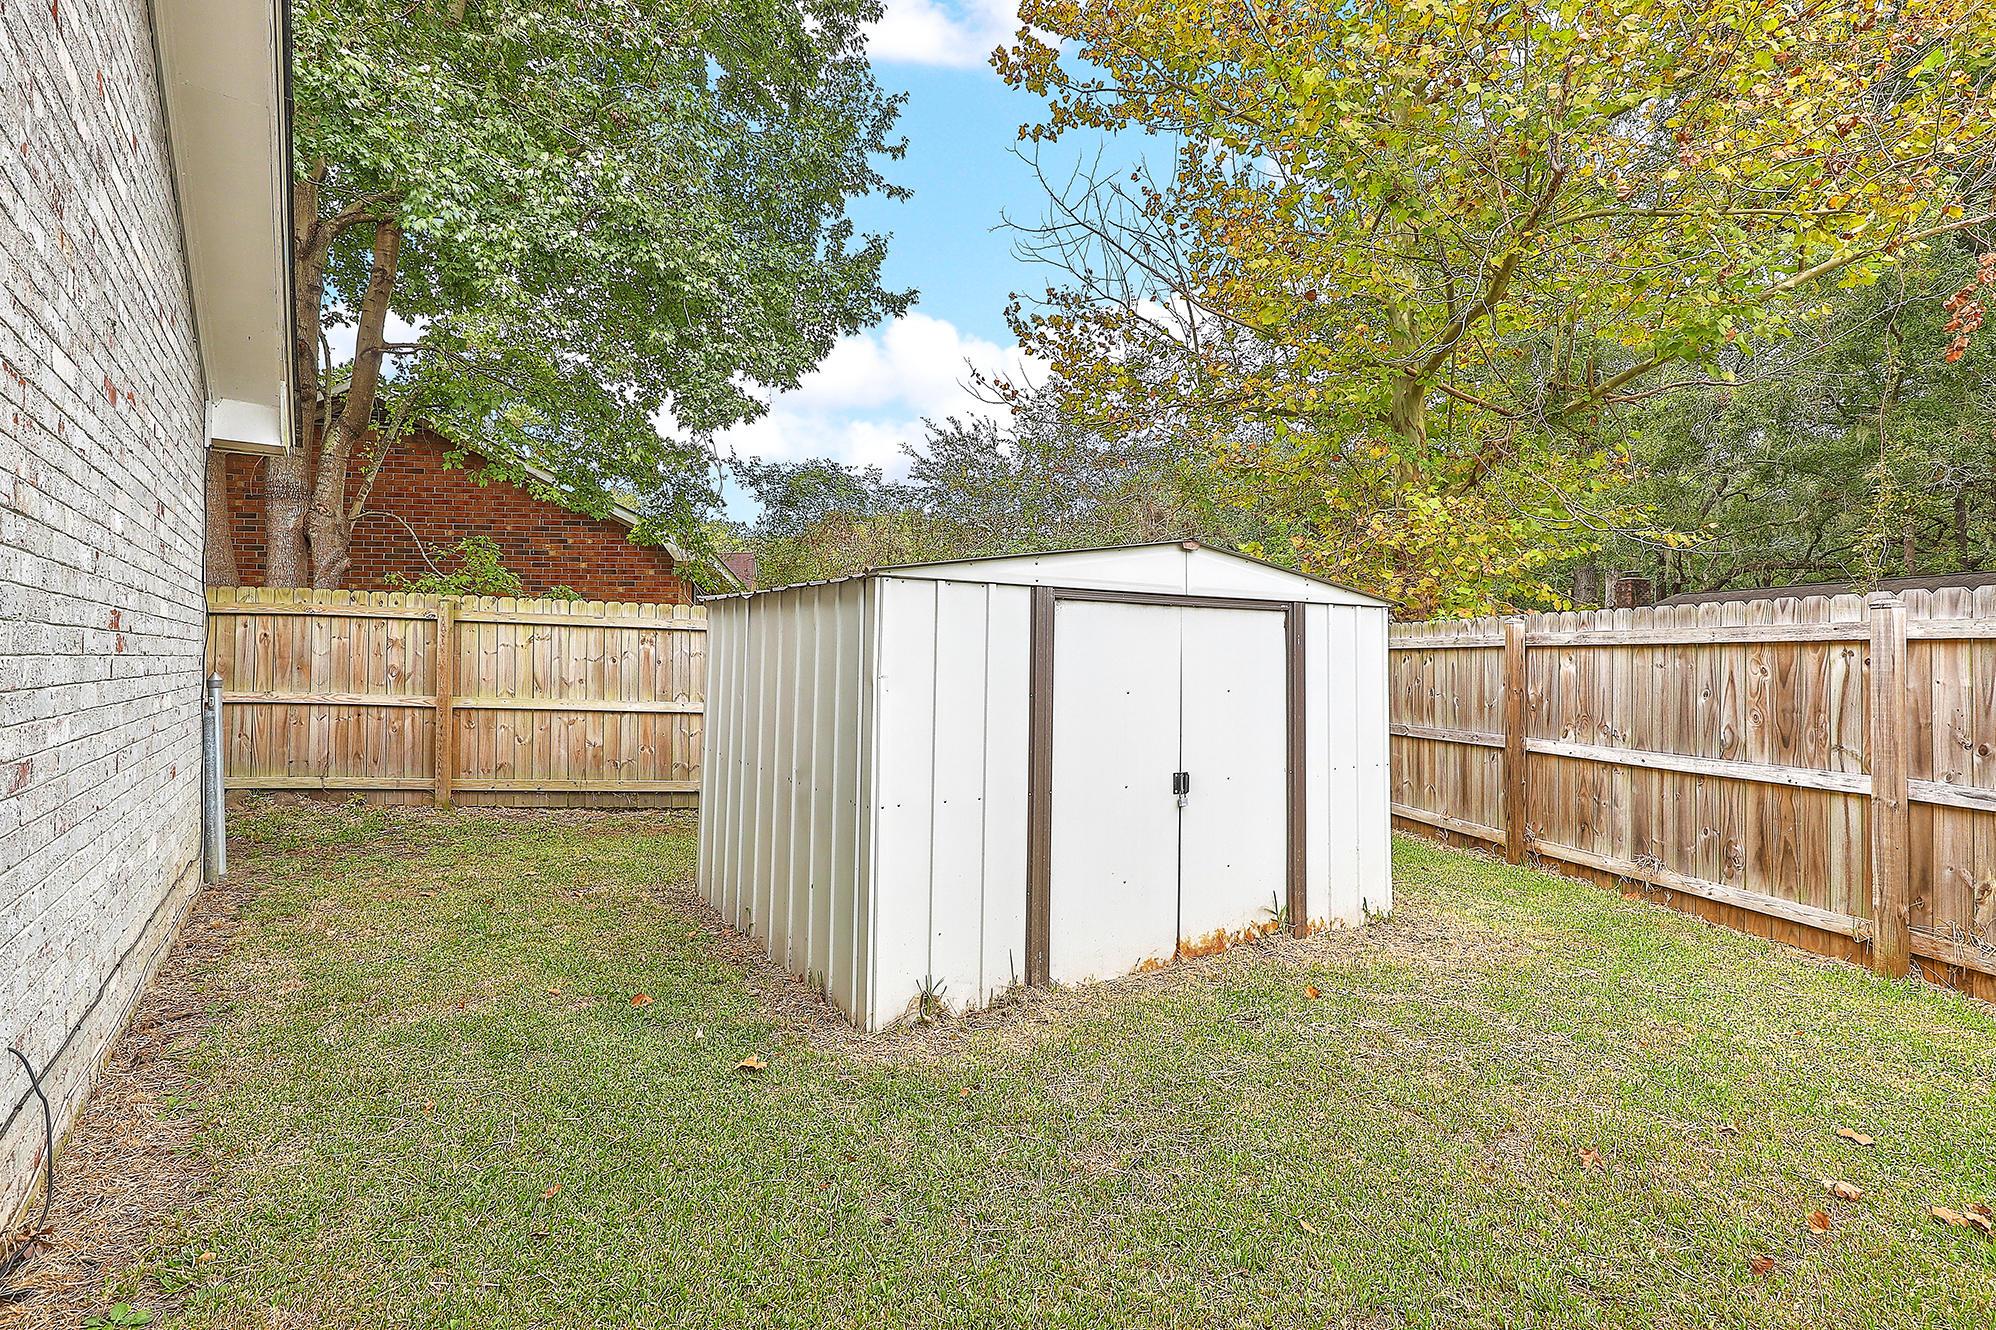 Willowbrook I Homes For Sale - 37 Delaware, Goose Creek, SC - 6